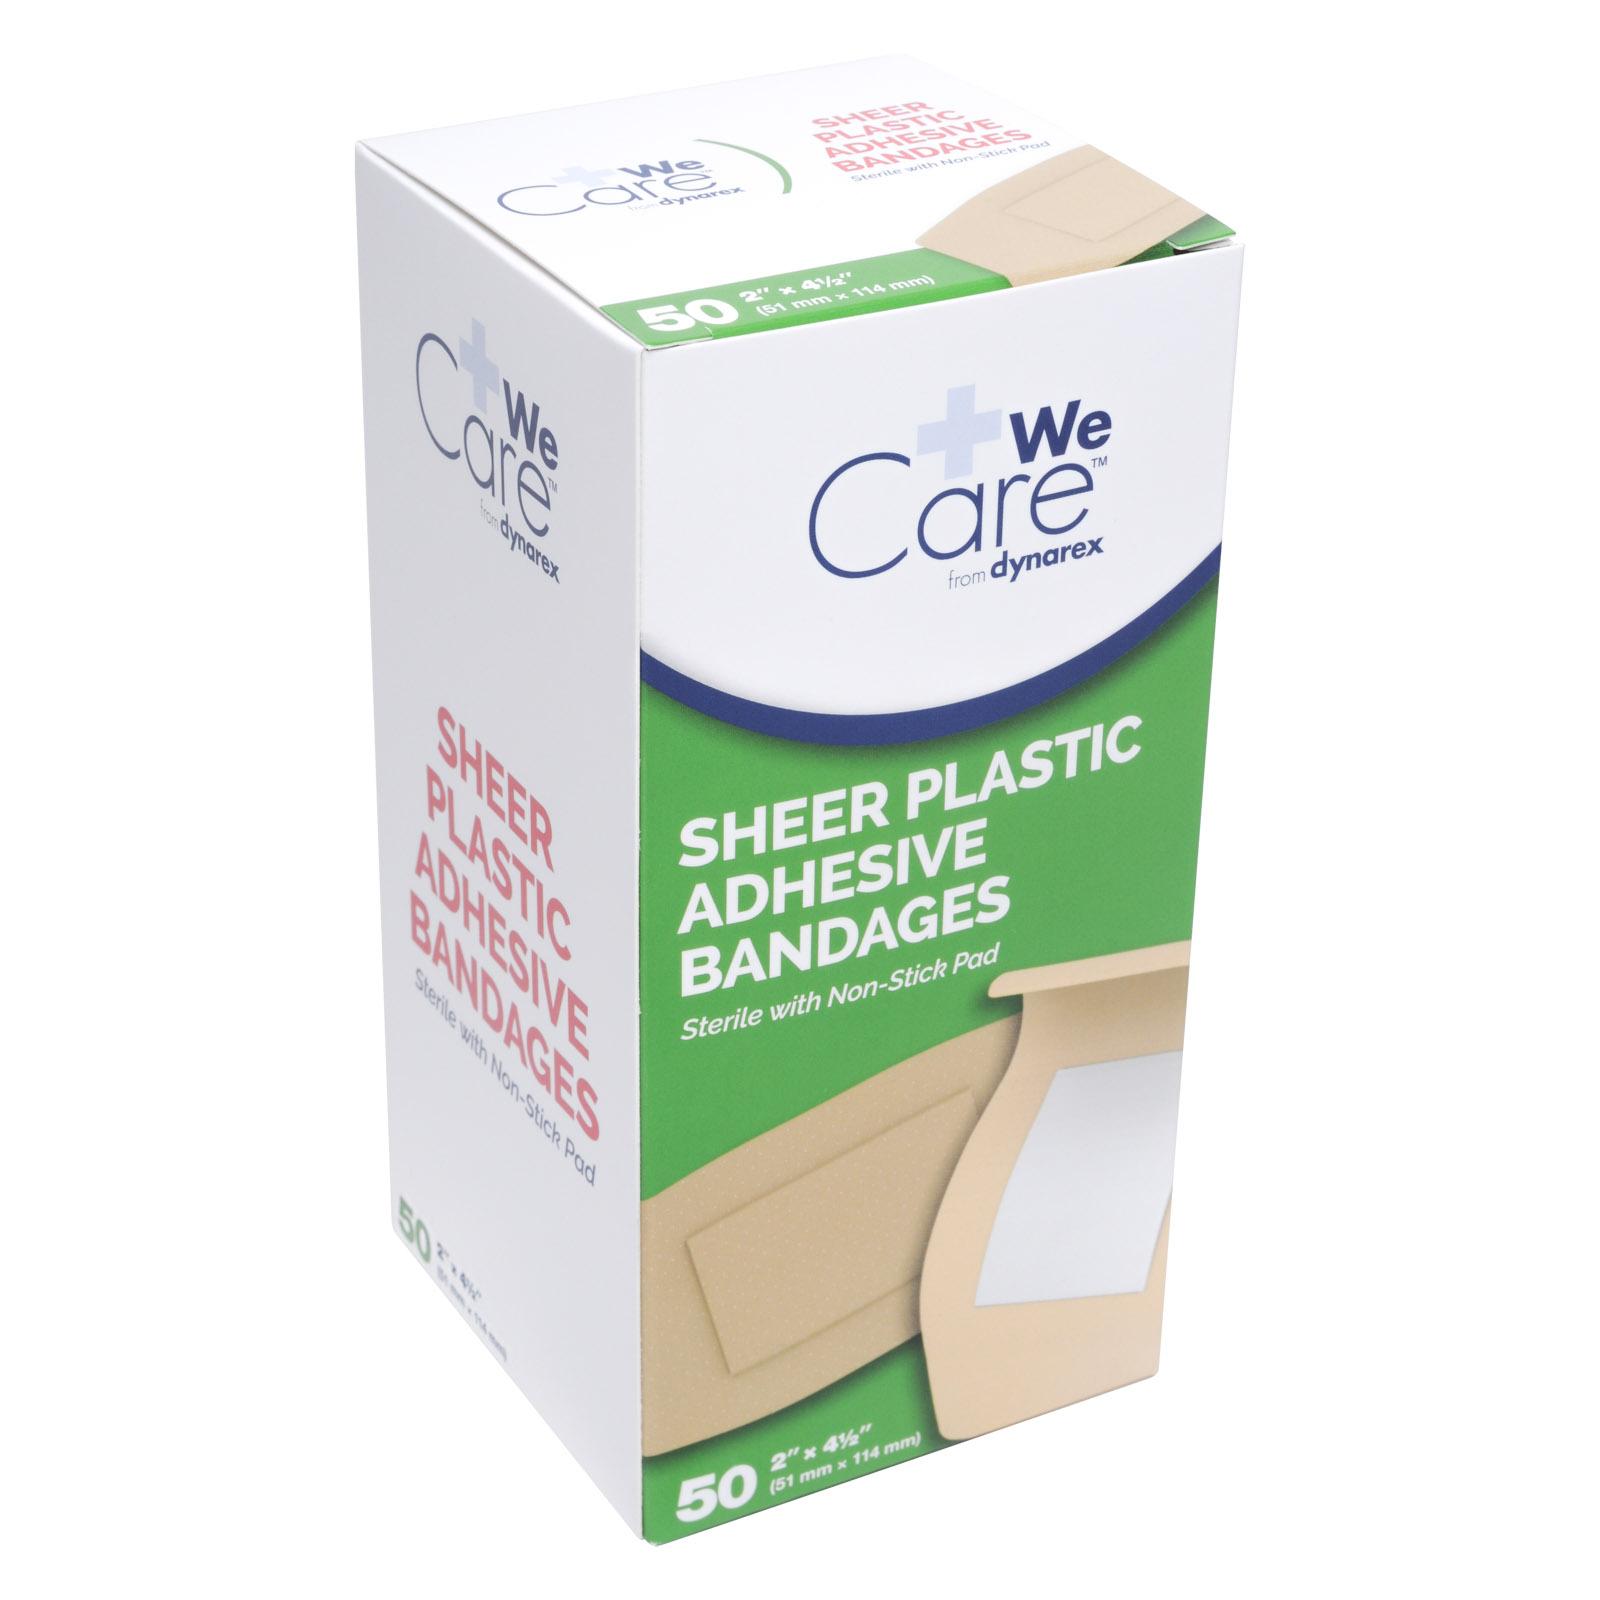 Xlarge Plastic Bandage | MFASCO Health & Safety